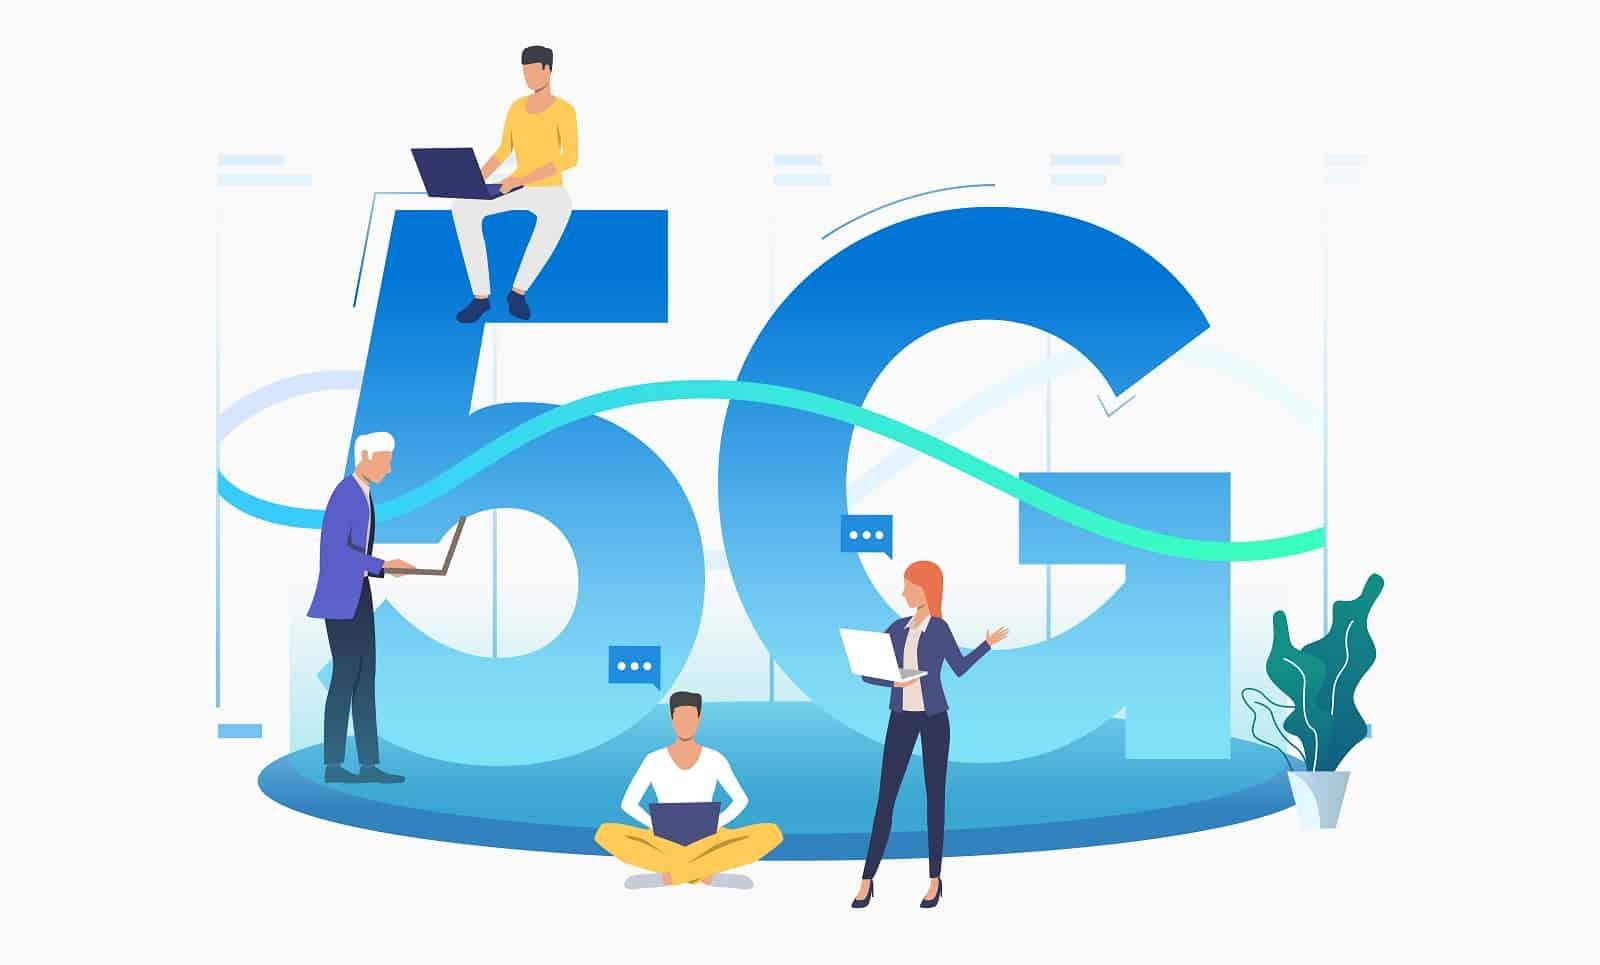 Встреча пройдет в рамках Индустриального Совета Центра компетенций НТИ по беспроводной связи и интернету вещей (ЦК НТИ БСИВ). На заседание «Клуба 5G» приглашены представители операторов и профильных министерств, а также…